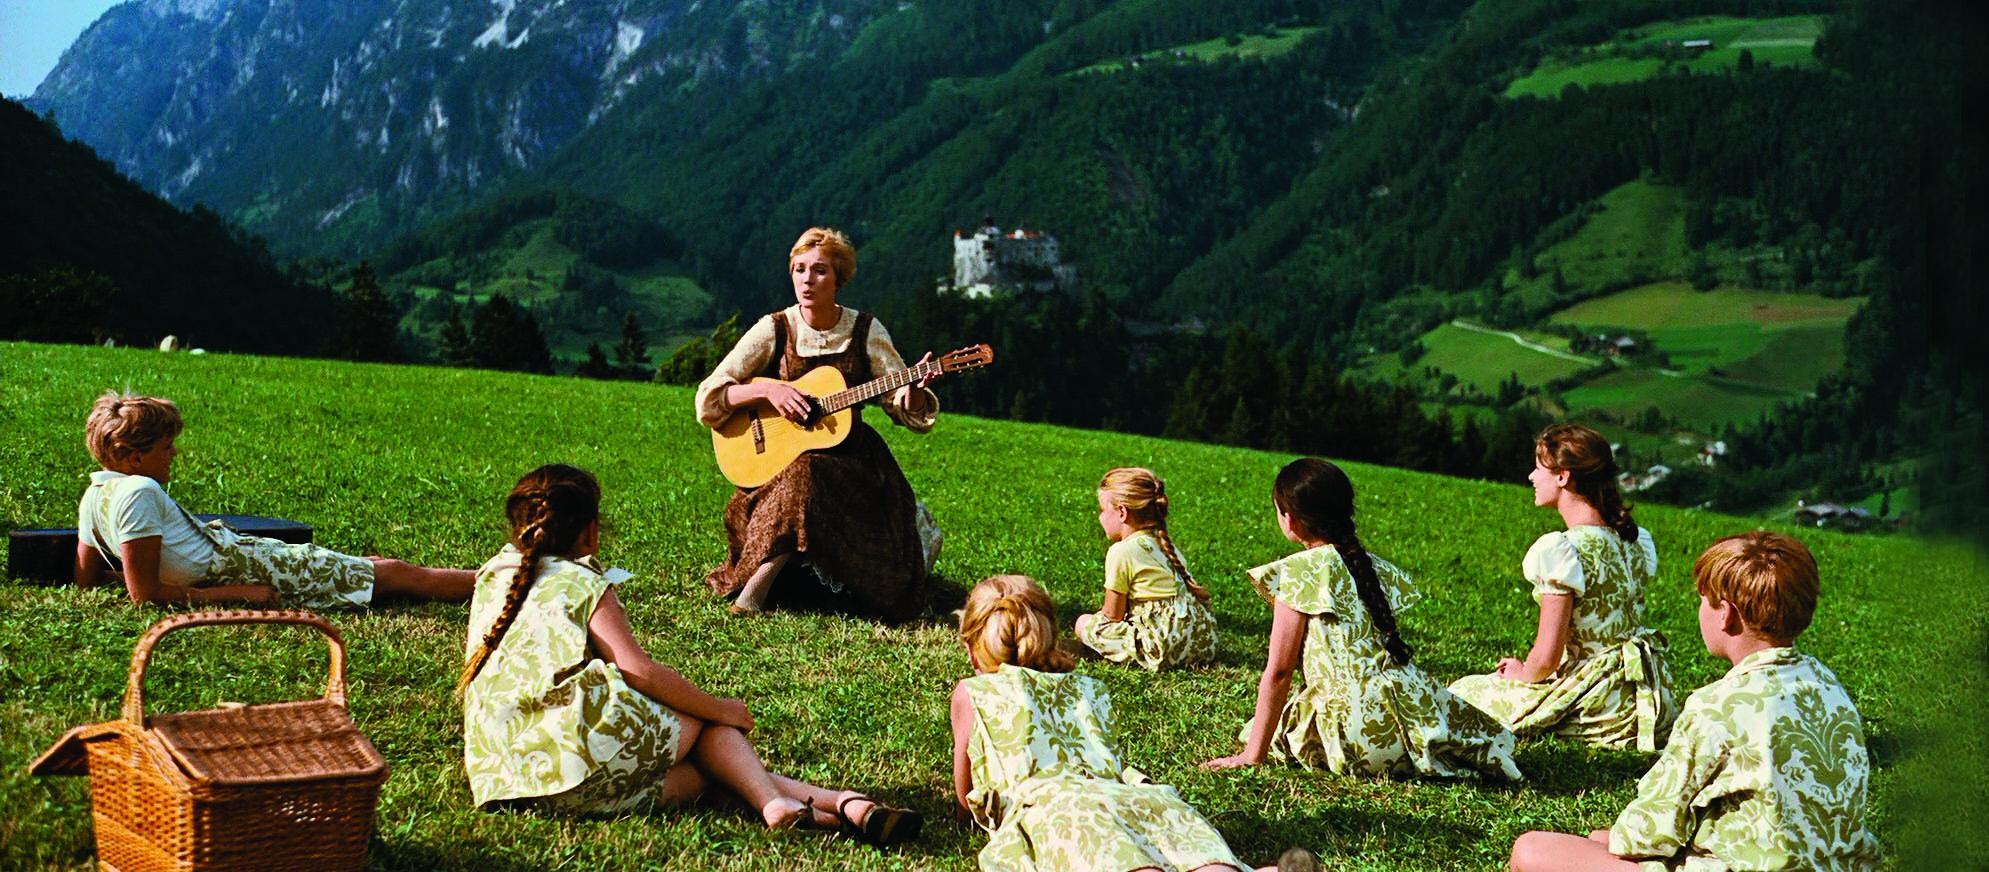 電影《仙樂飄飄處處聞》中,茱莉安德絲彈奏結他,七小福把音符當ABC一樣從頭學起。